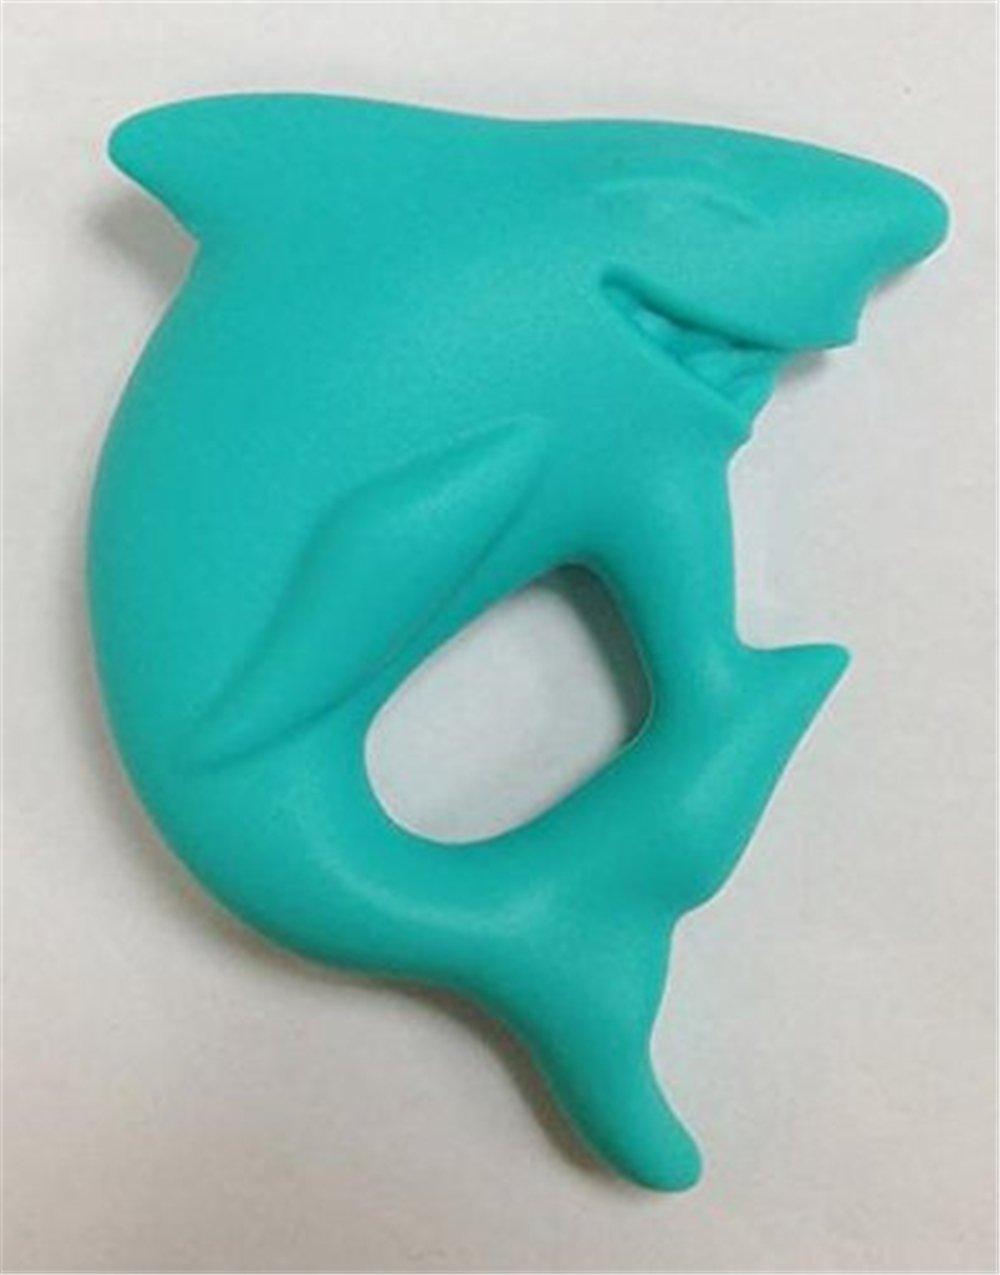 INCHANT Masticable de silicona tibur/ón colgante Juguete de Dentici/ón para que la mam/á vestir BPA libre colgante de mordedor Anti bacetriana Collar Mordedor de Lactancia para Beb/é